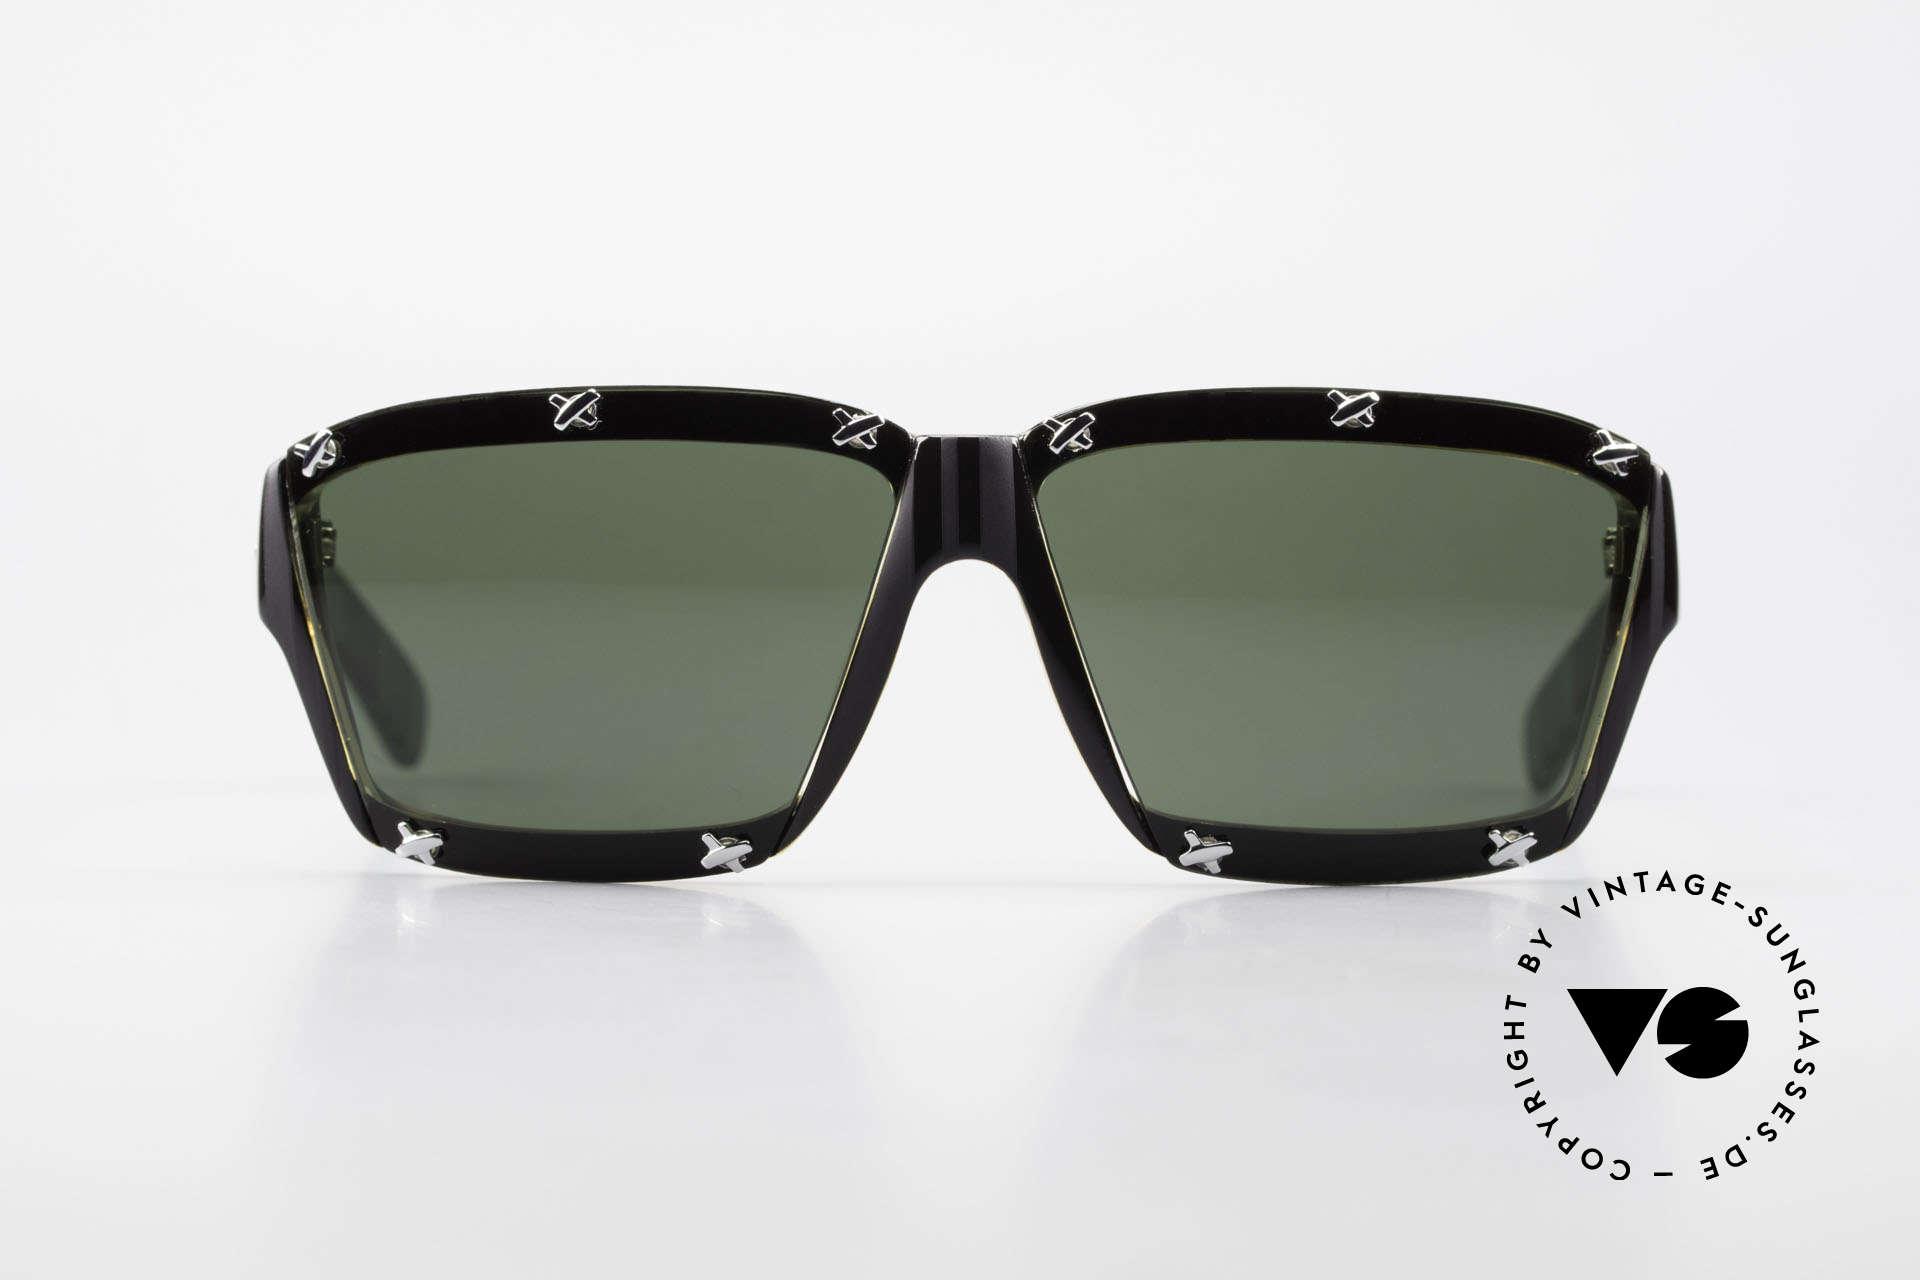 Paloma Picasso 3702 Vintage Sonnenbrille Von 1990, spektakuläre Form mit temperamentvollen Muster, Passend für Damen